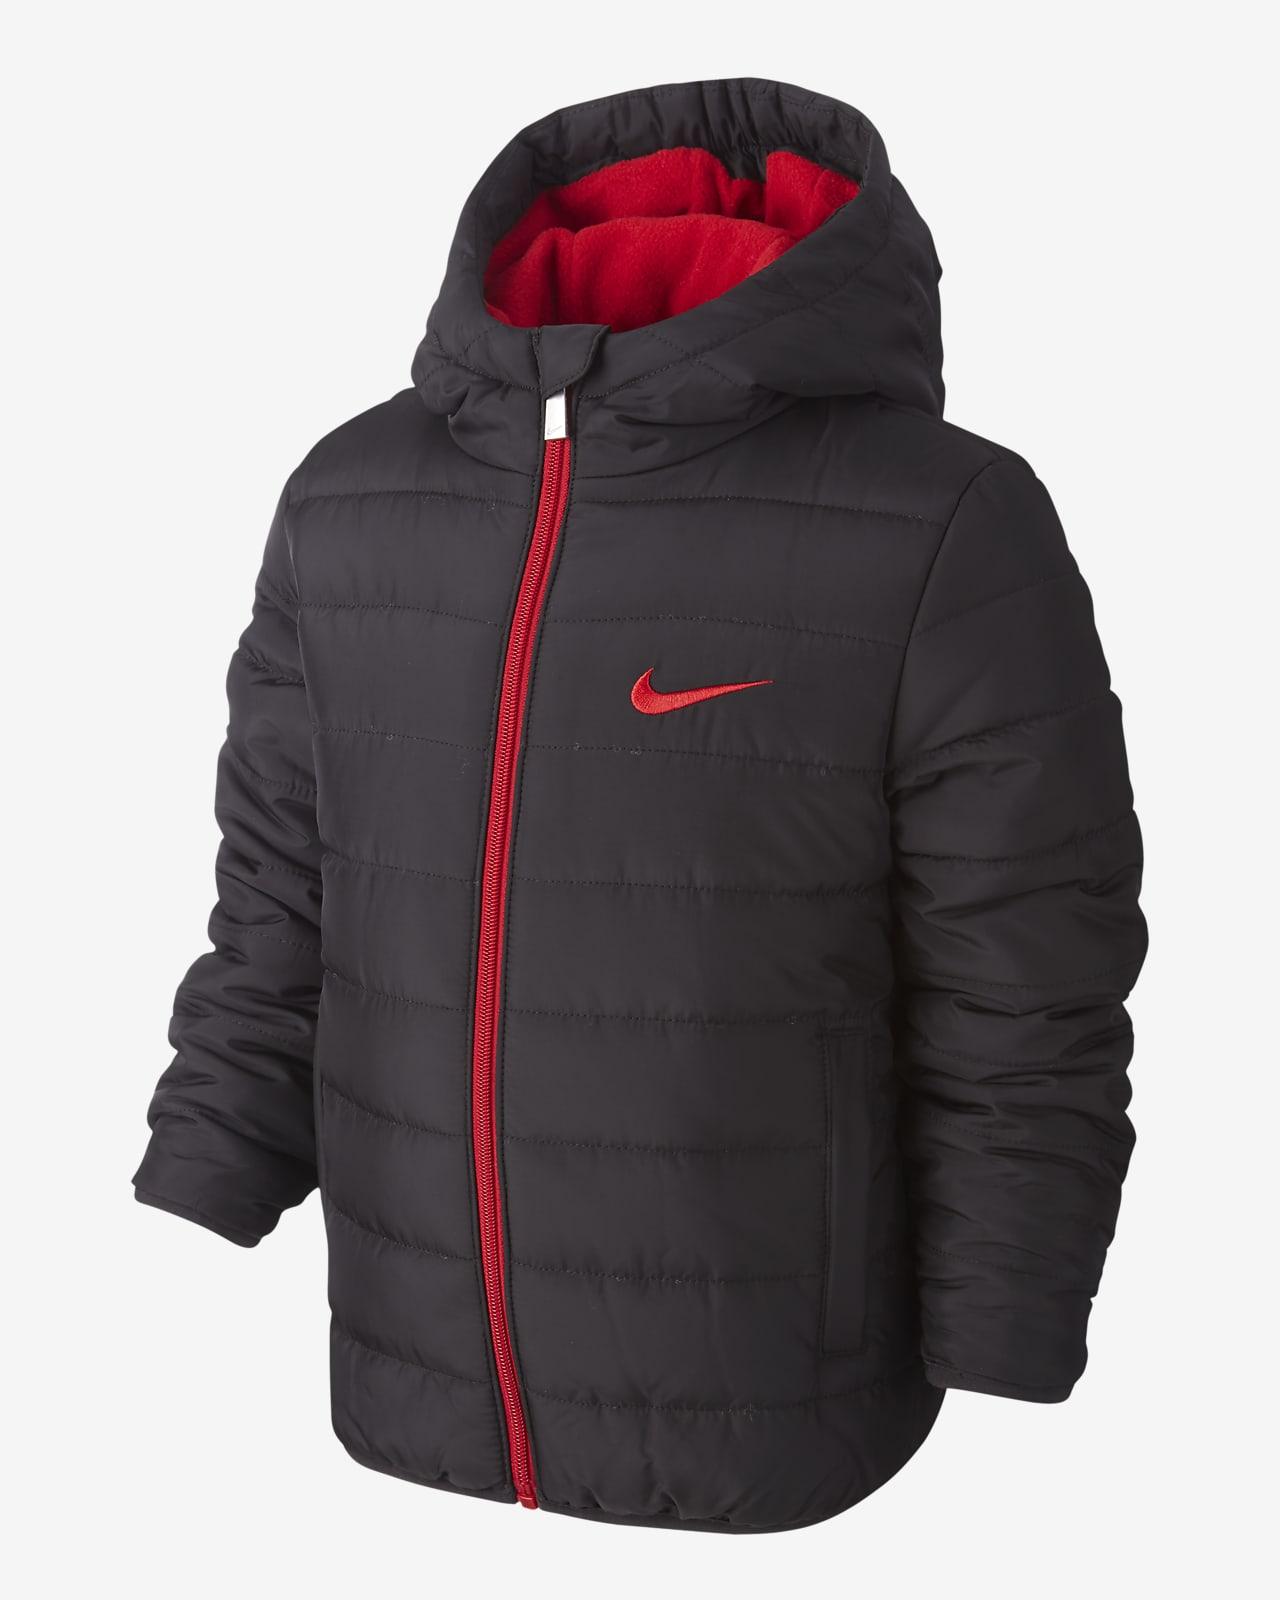 Péřová bunda Nike pro malé děti